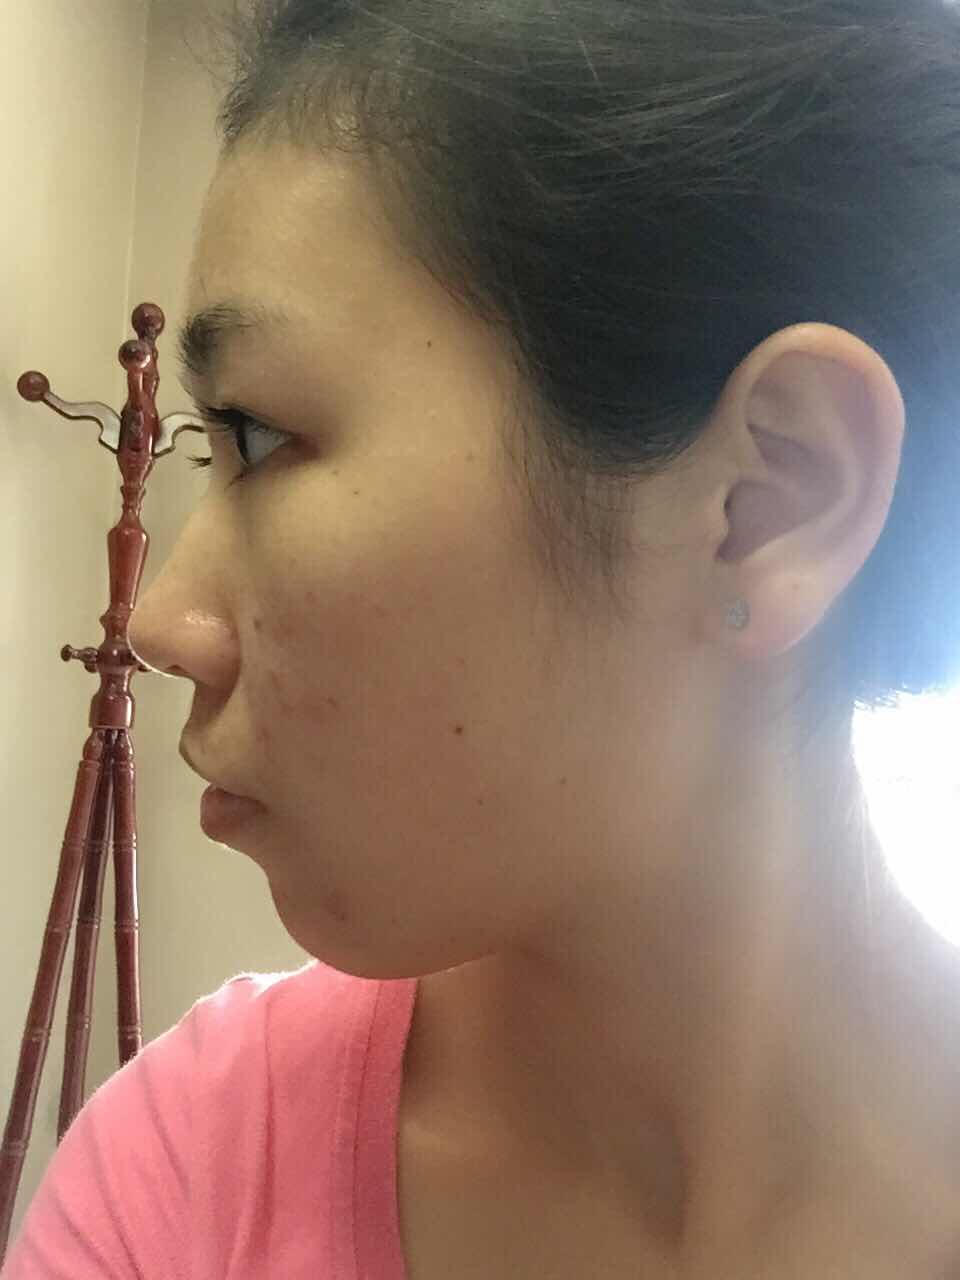 法令纹填充能维持多久?医生大神们帮我看看整哪里 下巴是必须的了。。